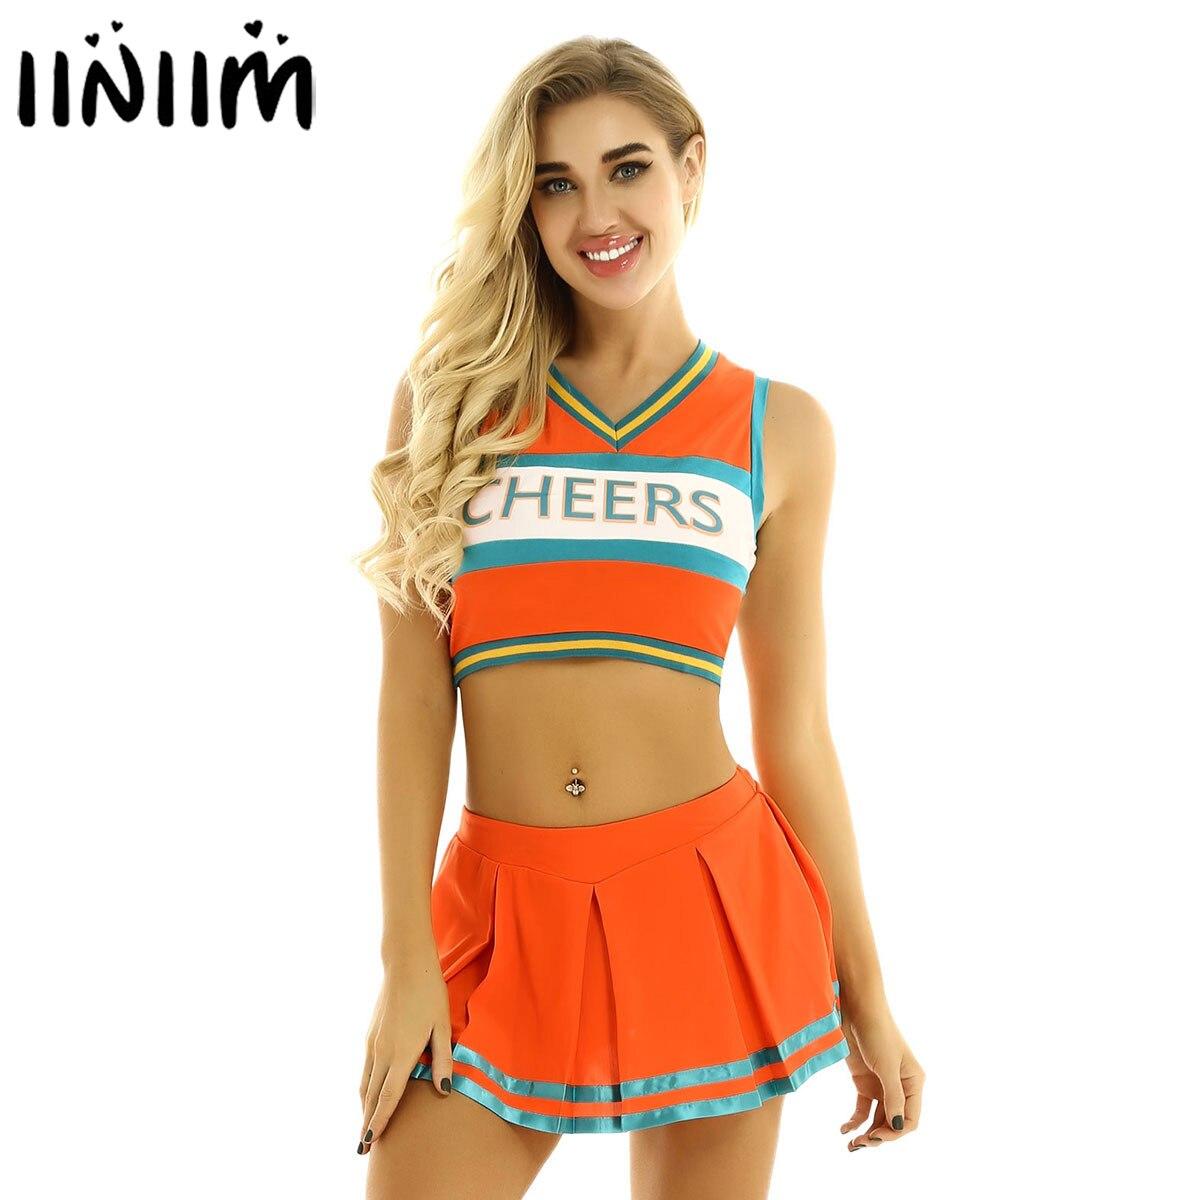 Iiniim Womens Cheers Dancewear Sex Uniform Cheerleader Cosplay Costumes Clubwear Sleeveless Crop Top With Mini Pleated Skirt